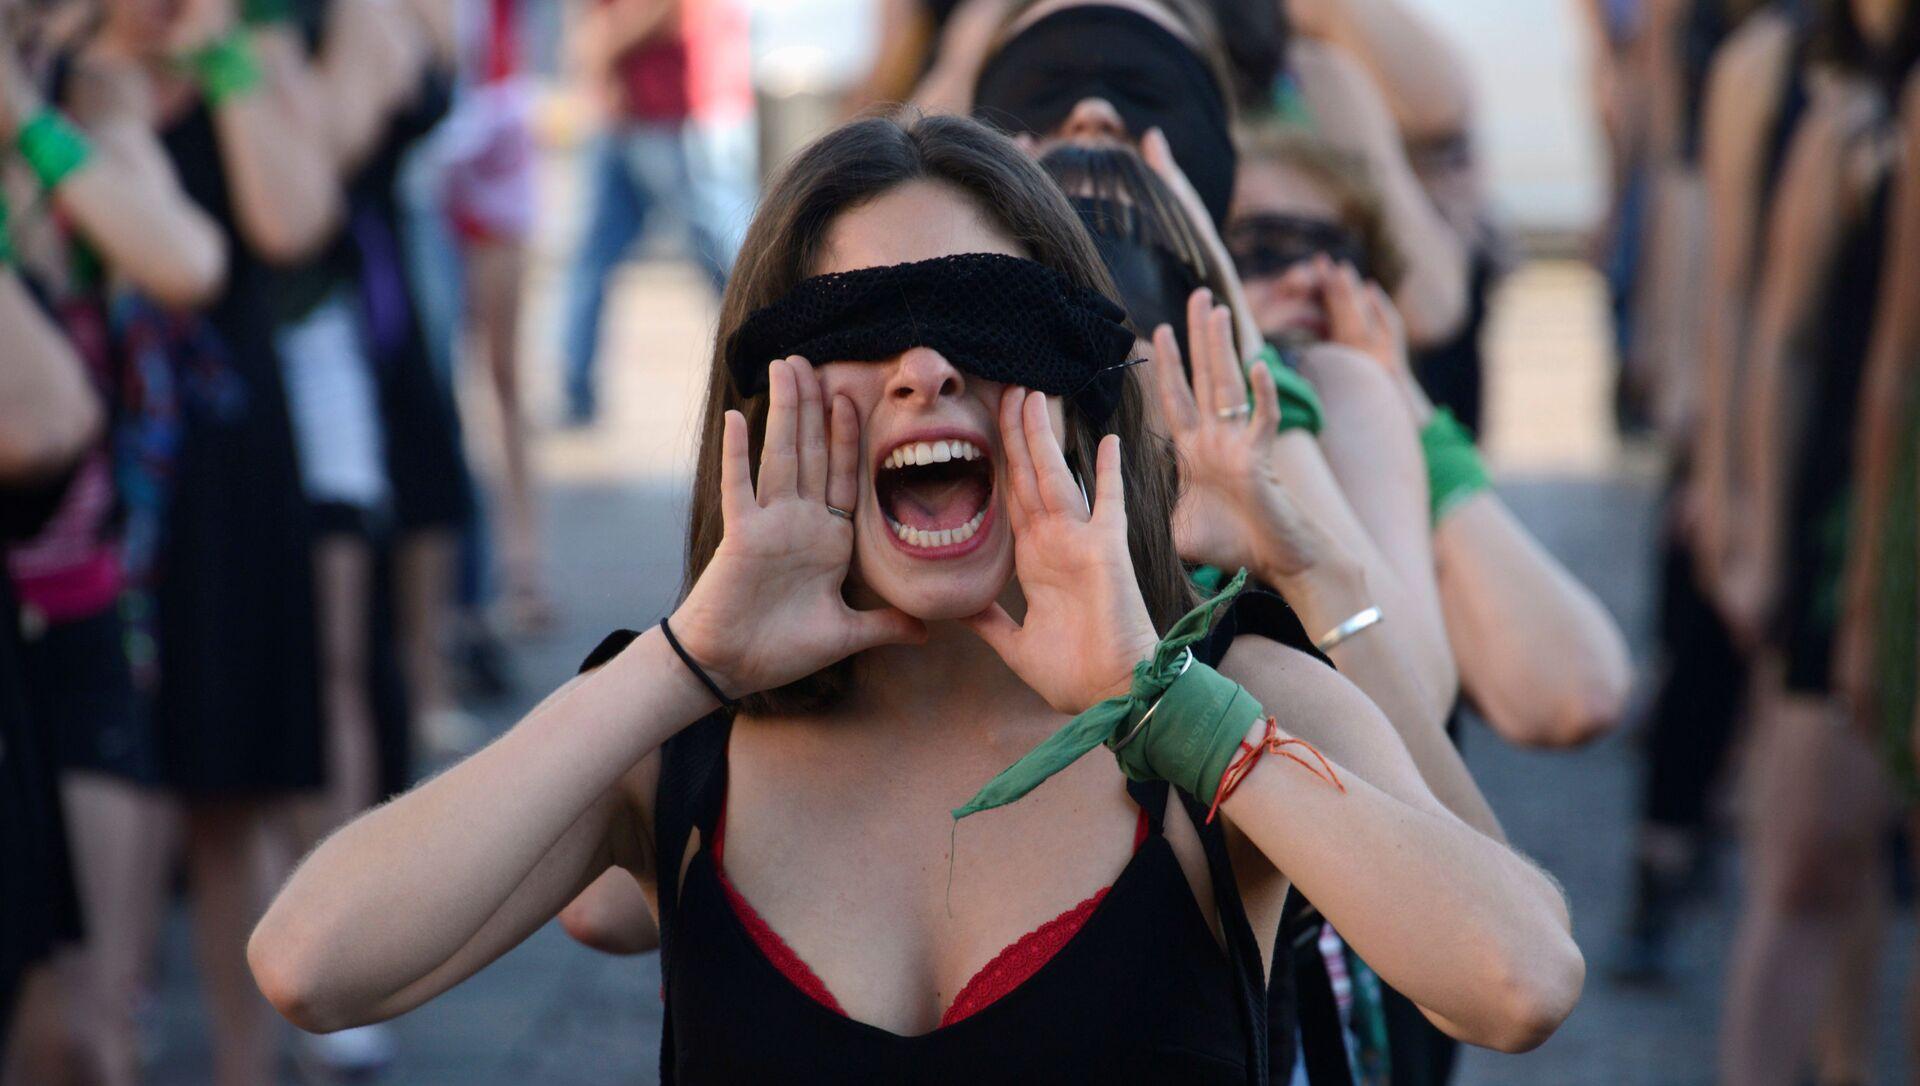 Una marcha contra la violencia de género en Argentina  - Sputnik Mundo, 1920, 25.12.2019